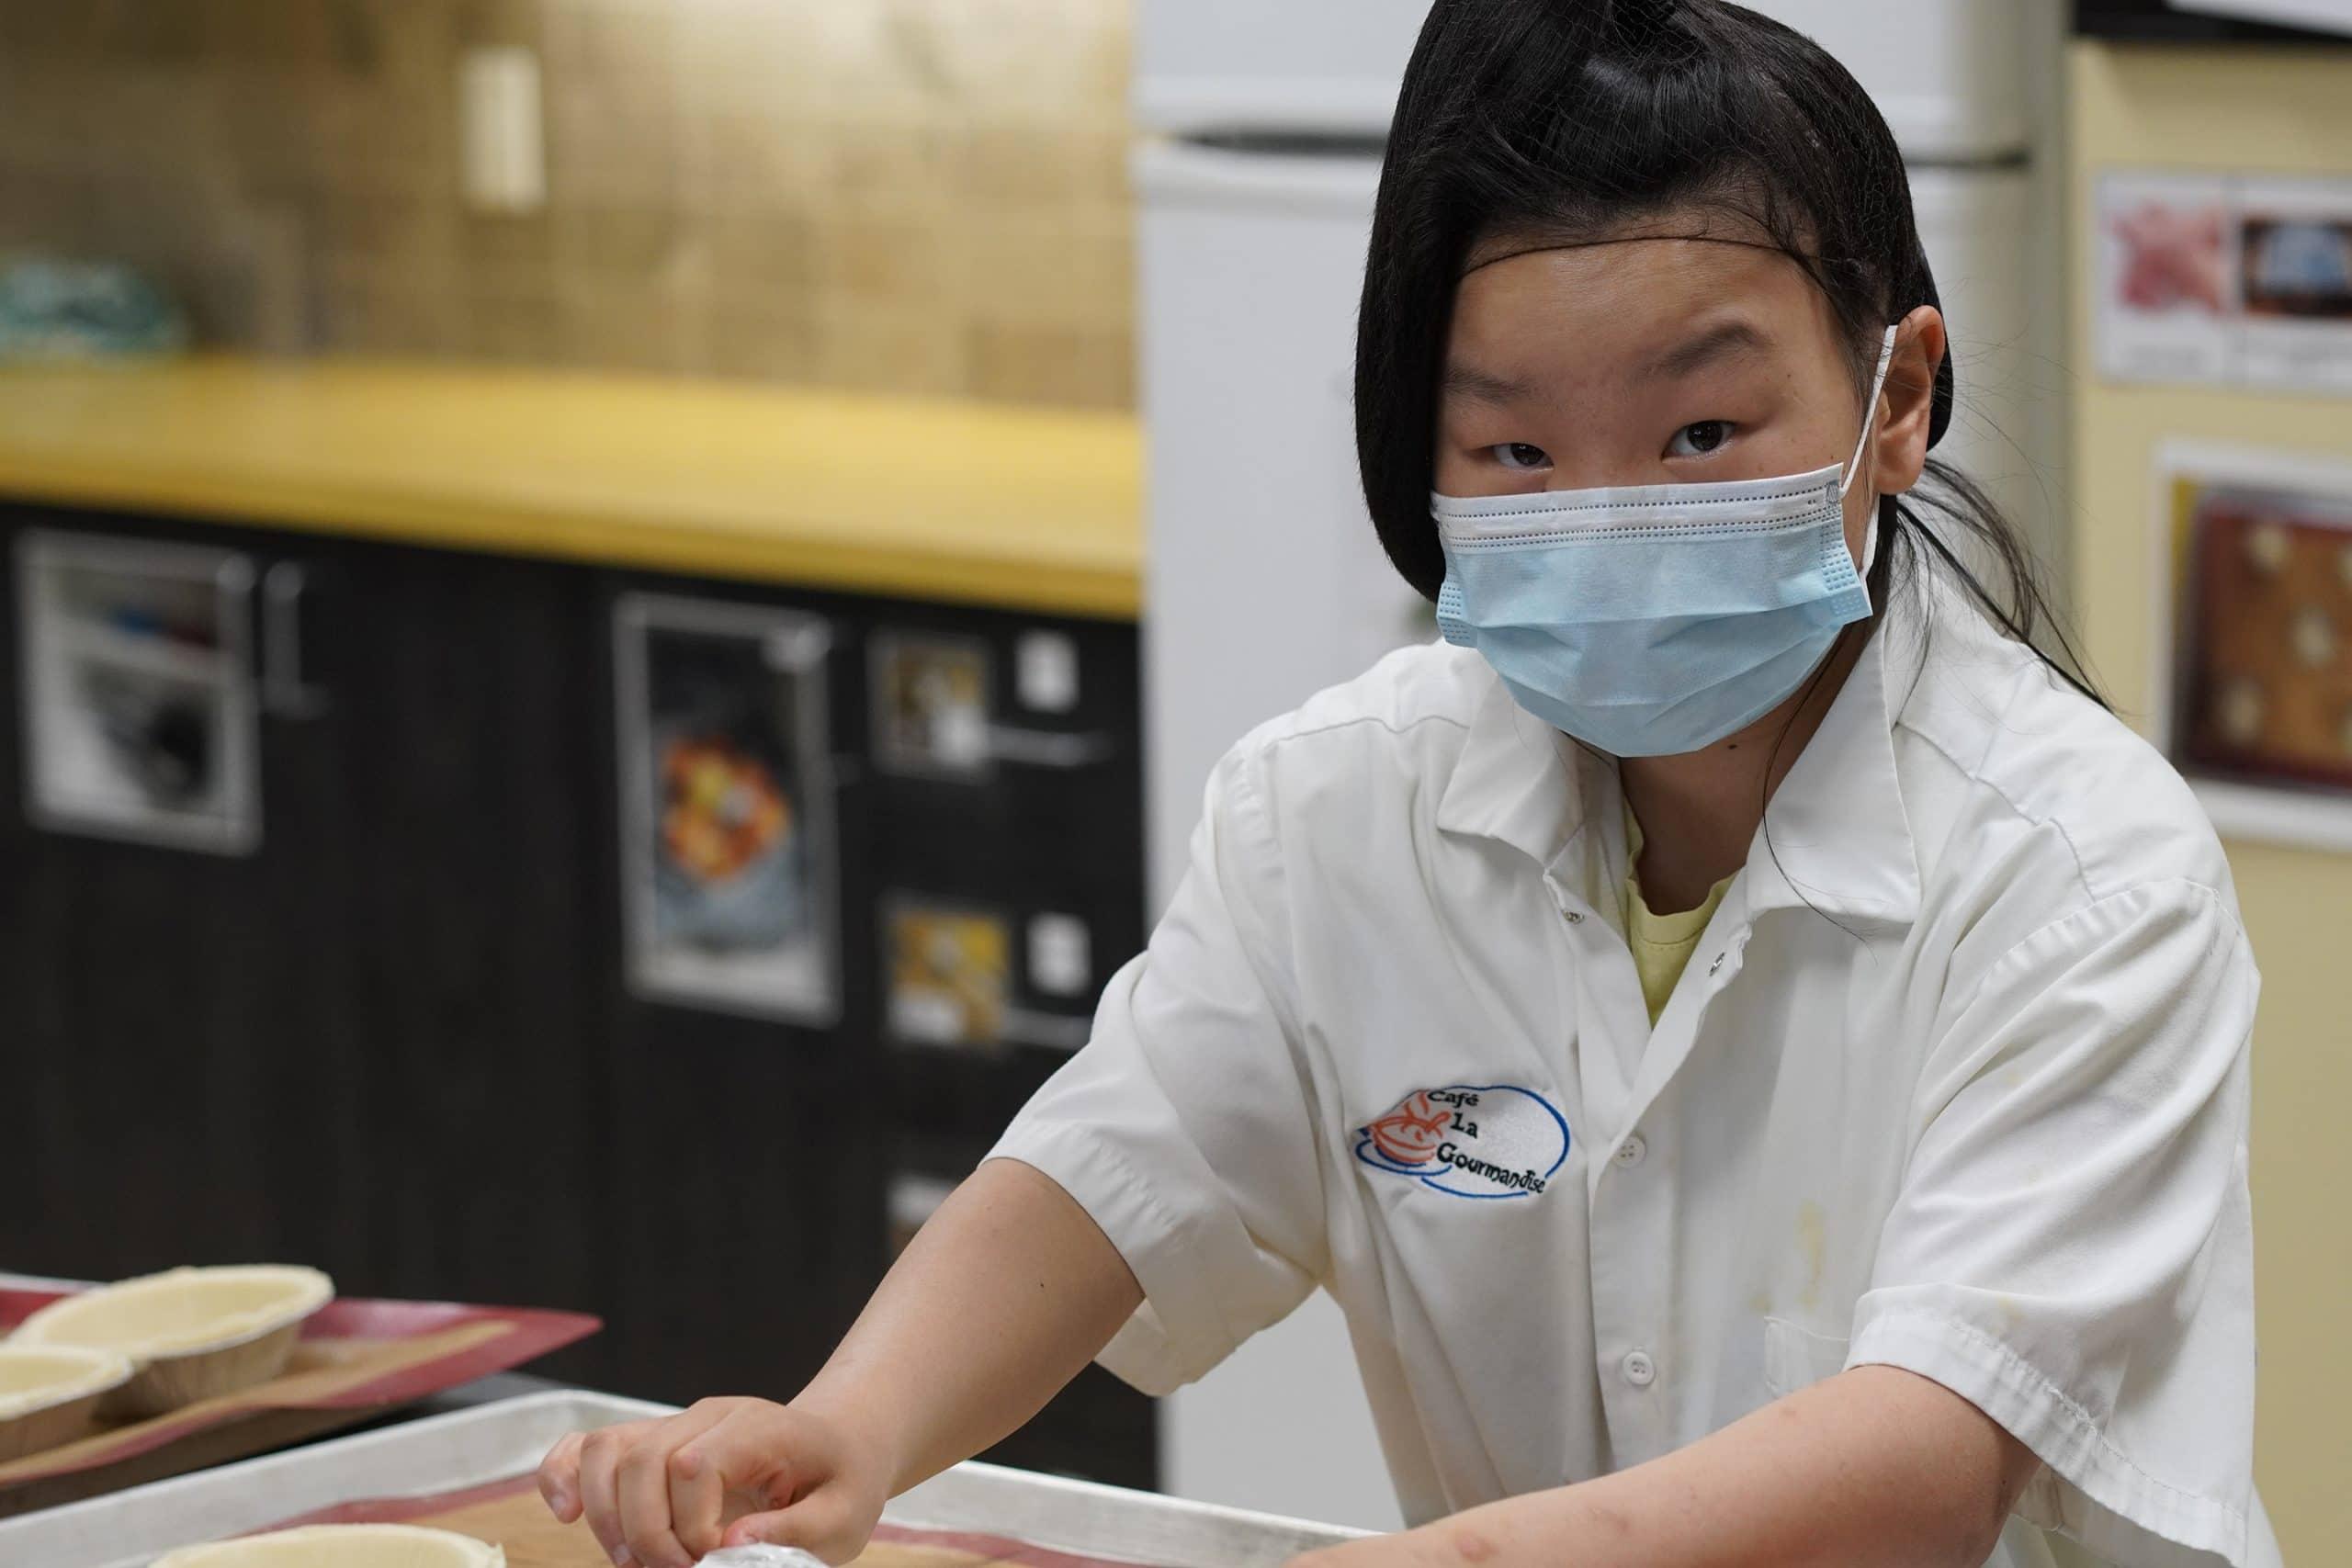 Une élève apprend à faire des tâches en cuisine au café La Gourmandise du CFM